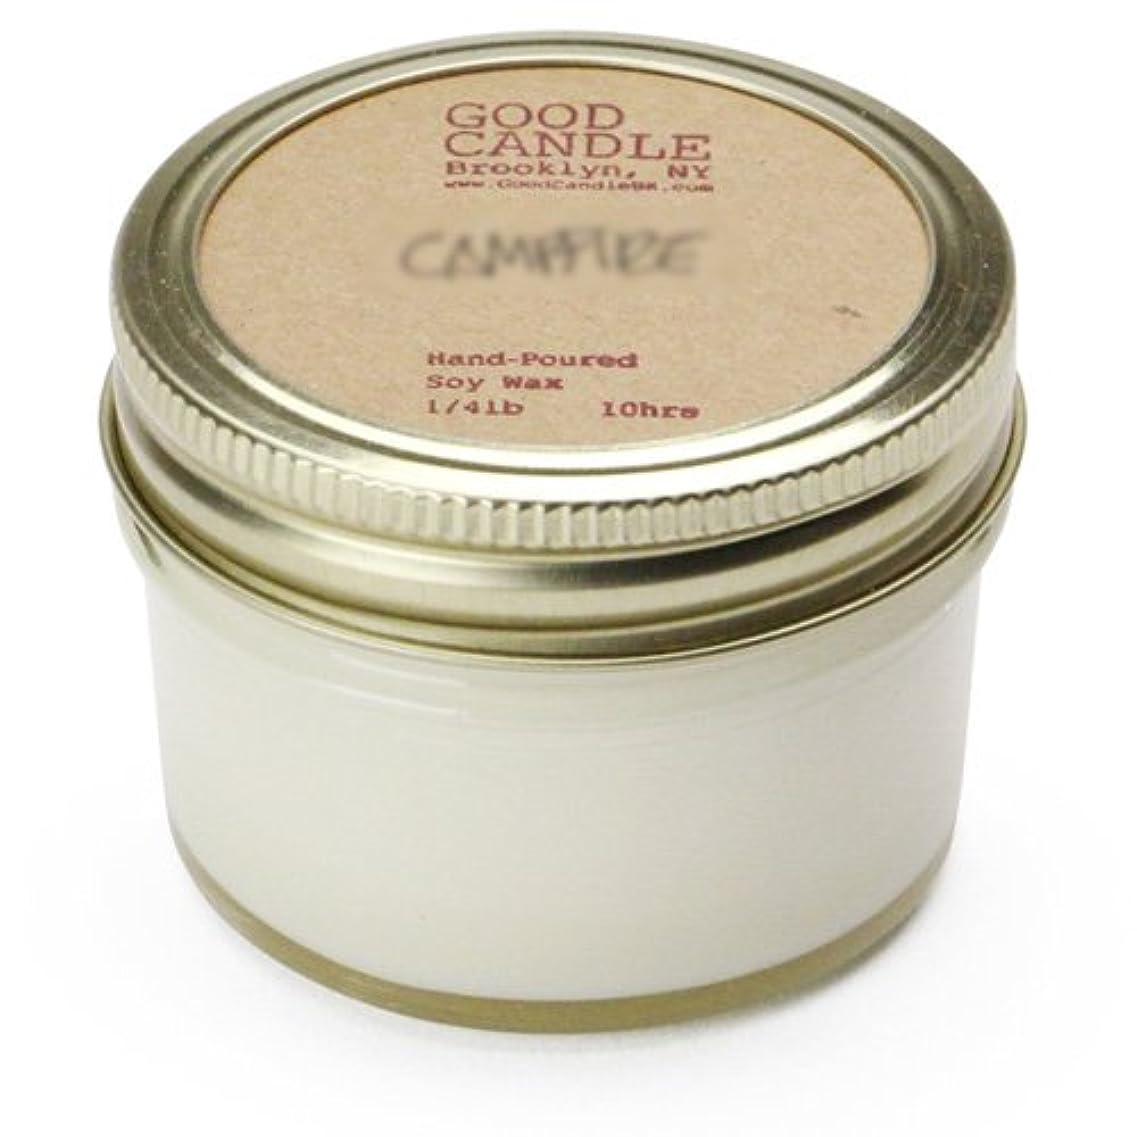 グッドキャンドル 1/4ポンド ゼリージャー キャンドル Good Candle 1/4LB Jelly jar candle [ Basil ] 正規品